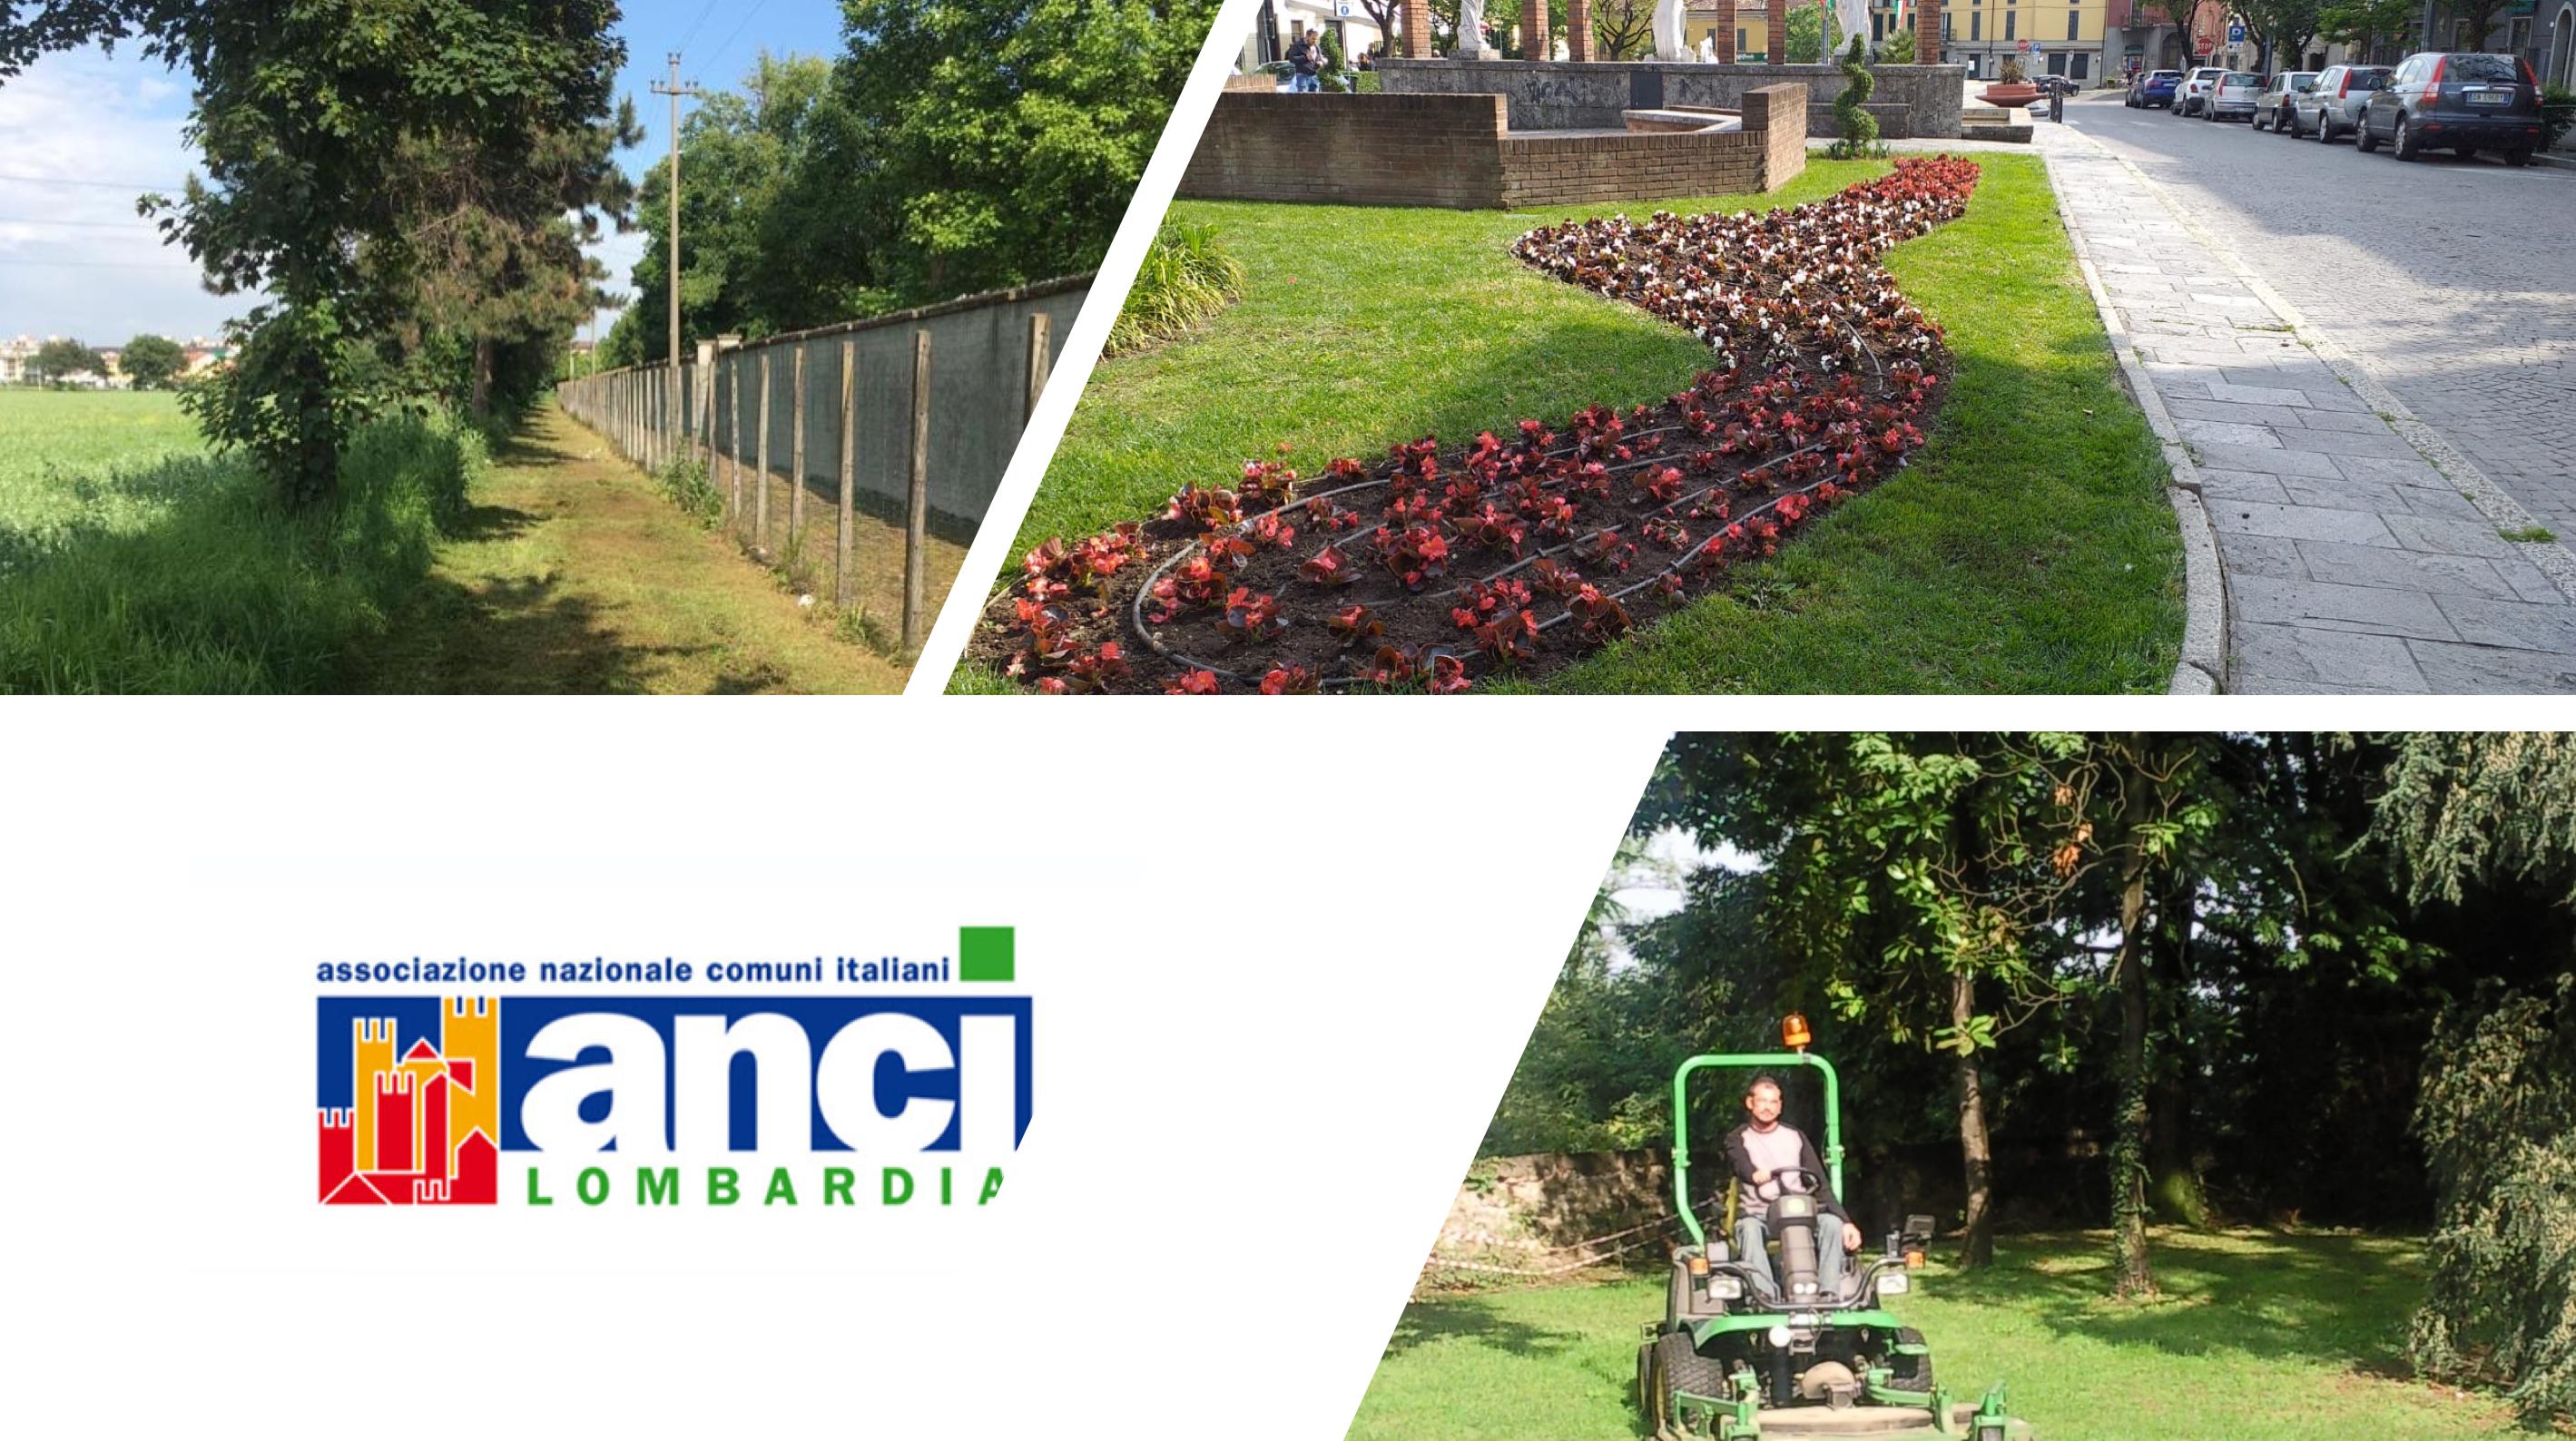 ANCI Lombardia scrive ai Comuni: la manutenzione del verde pubblico rientra tra le attività sospese